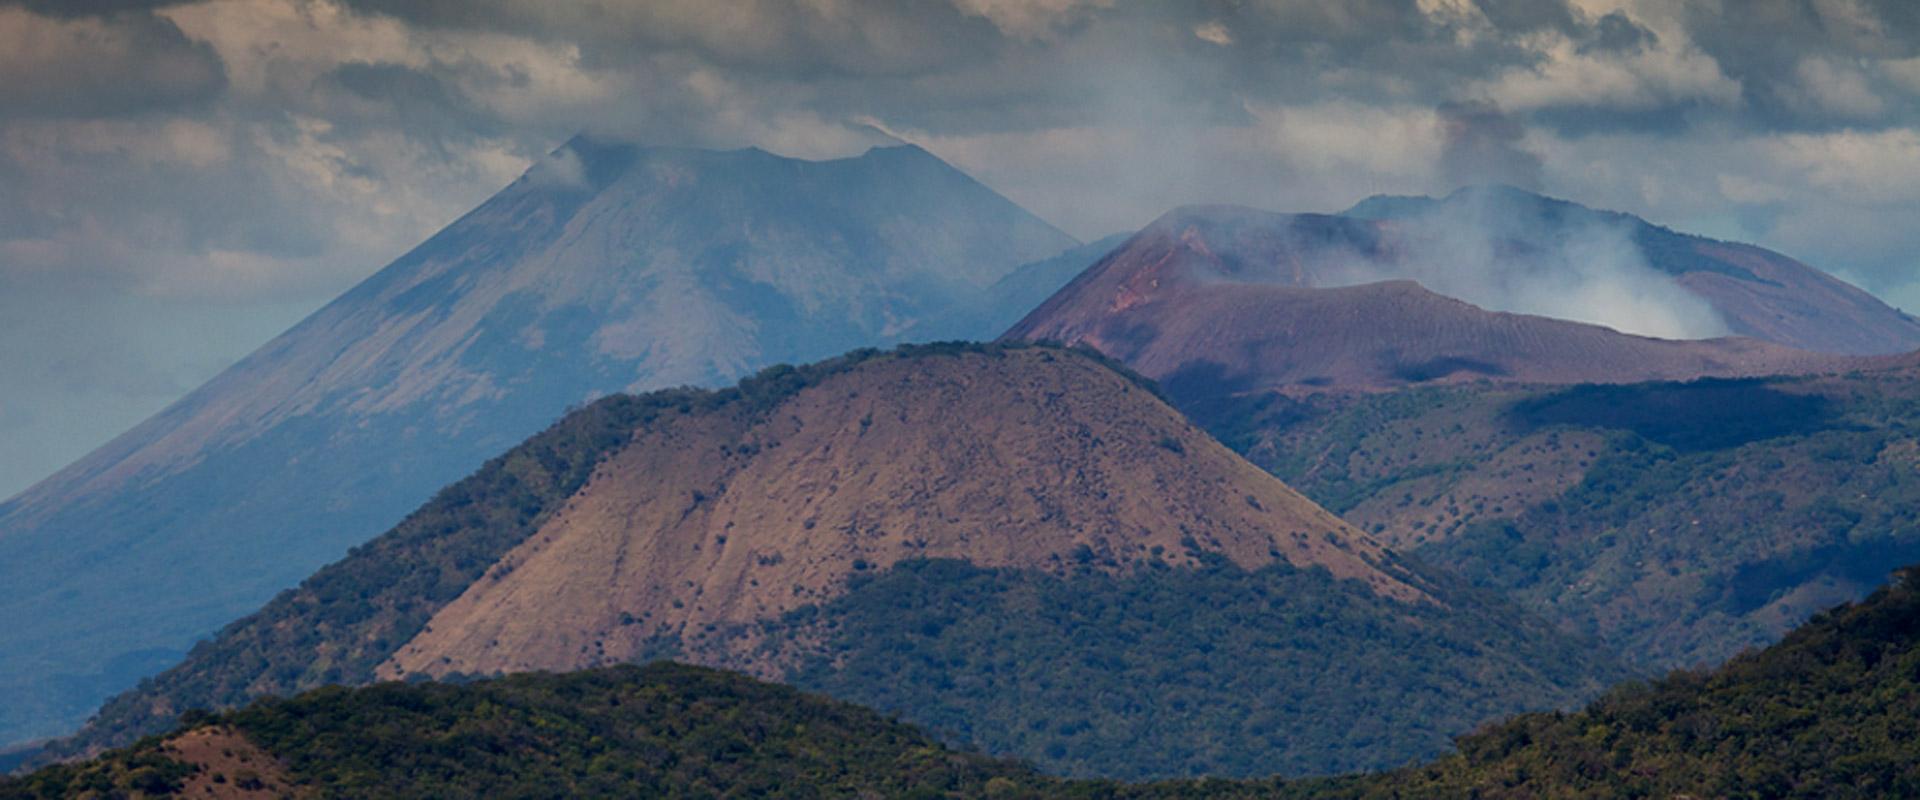 volcan-actif-nicaragua